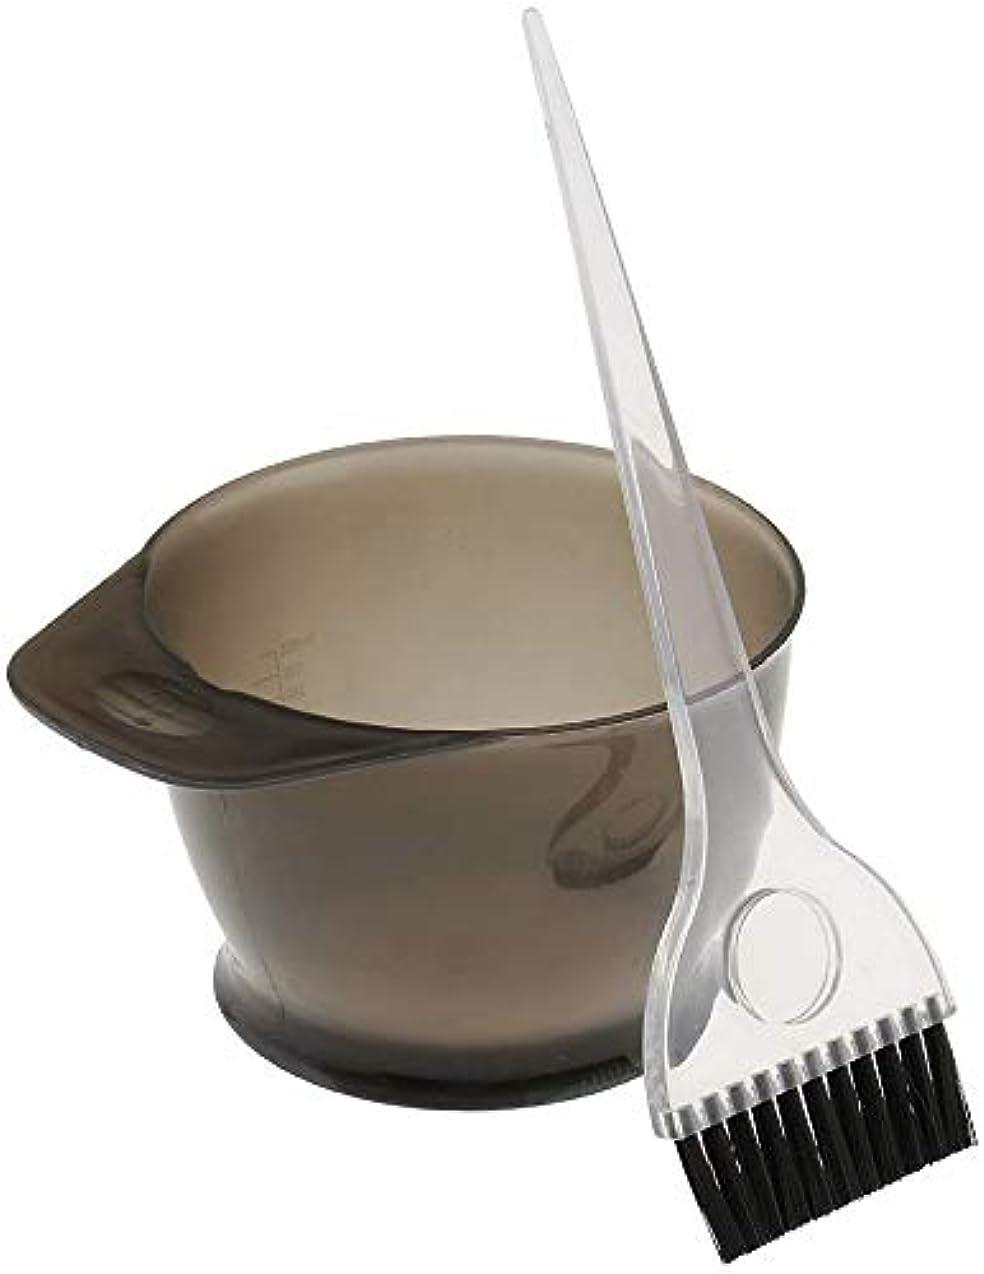 宣伝アンティーク敬意ヘアカラーリング 染色ボウル くしブラシ 色合いツール セットする に適う サロン理髪 ホーム 個人的な使用 (グレー)